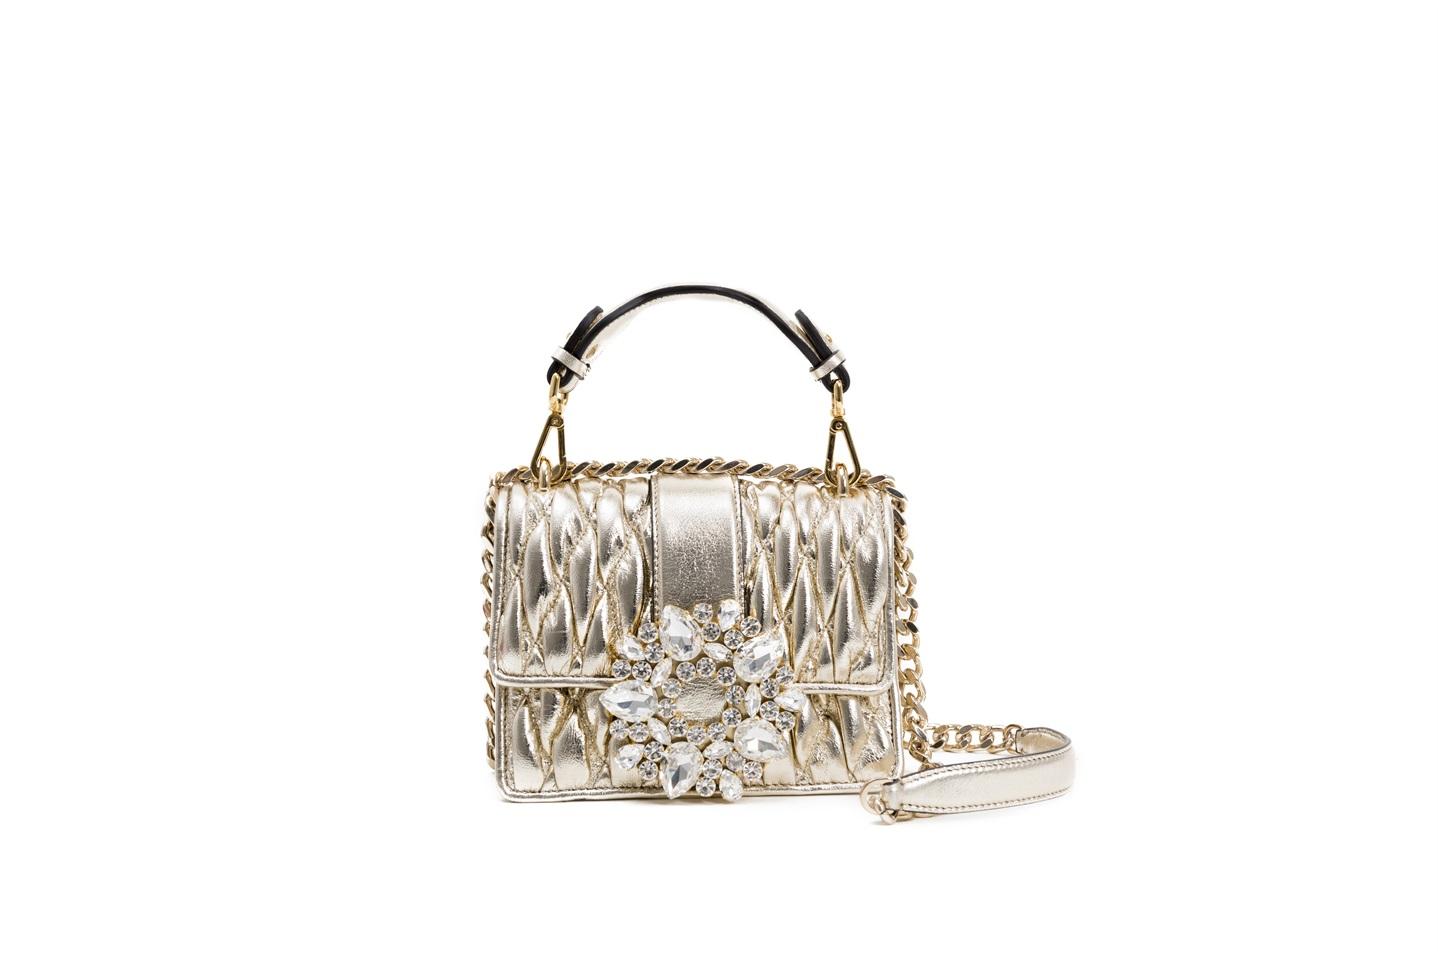 6d29e8922c Altre idee, su Glamour di Marzo nello Speciale Accessori a pag. 167  troverete tanti modelli tra cui scegliere!